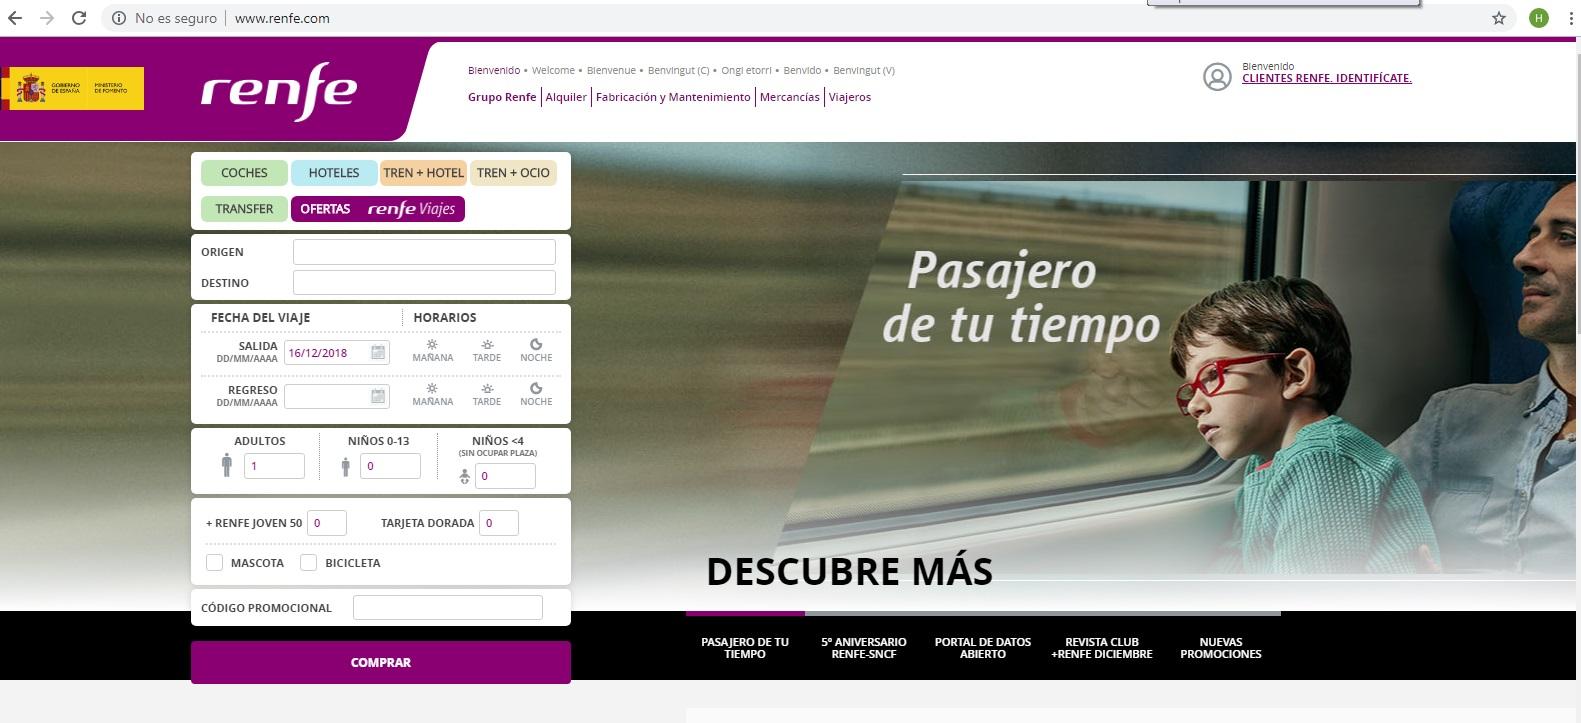 Lineas de Tren (Renfe) Viajes a Toda España desde la estación ferroviaria de Granada.